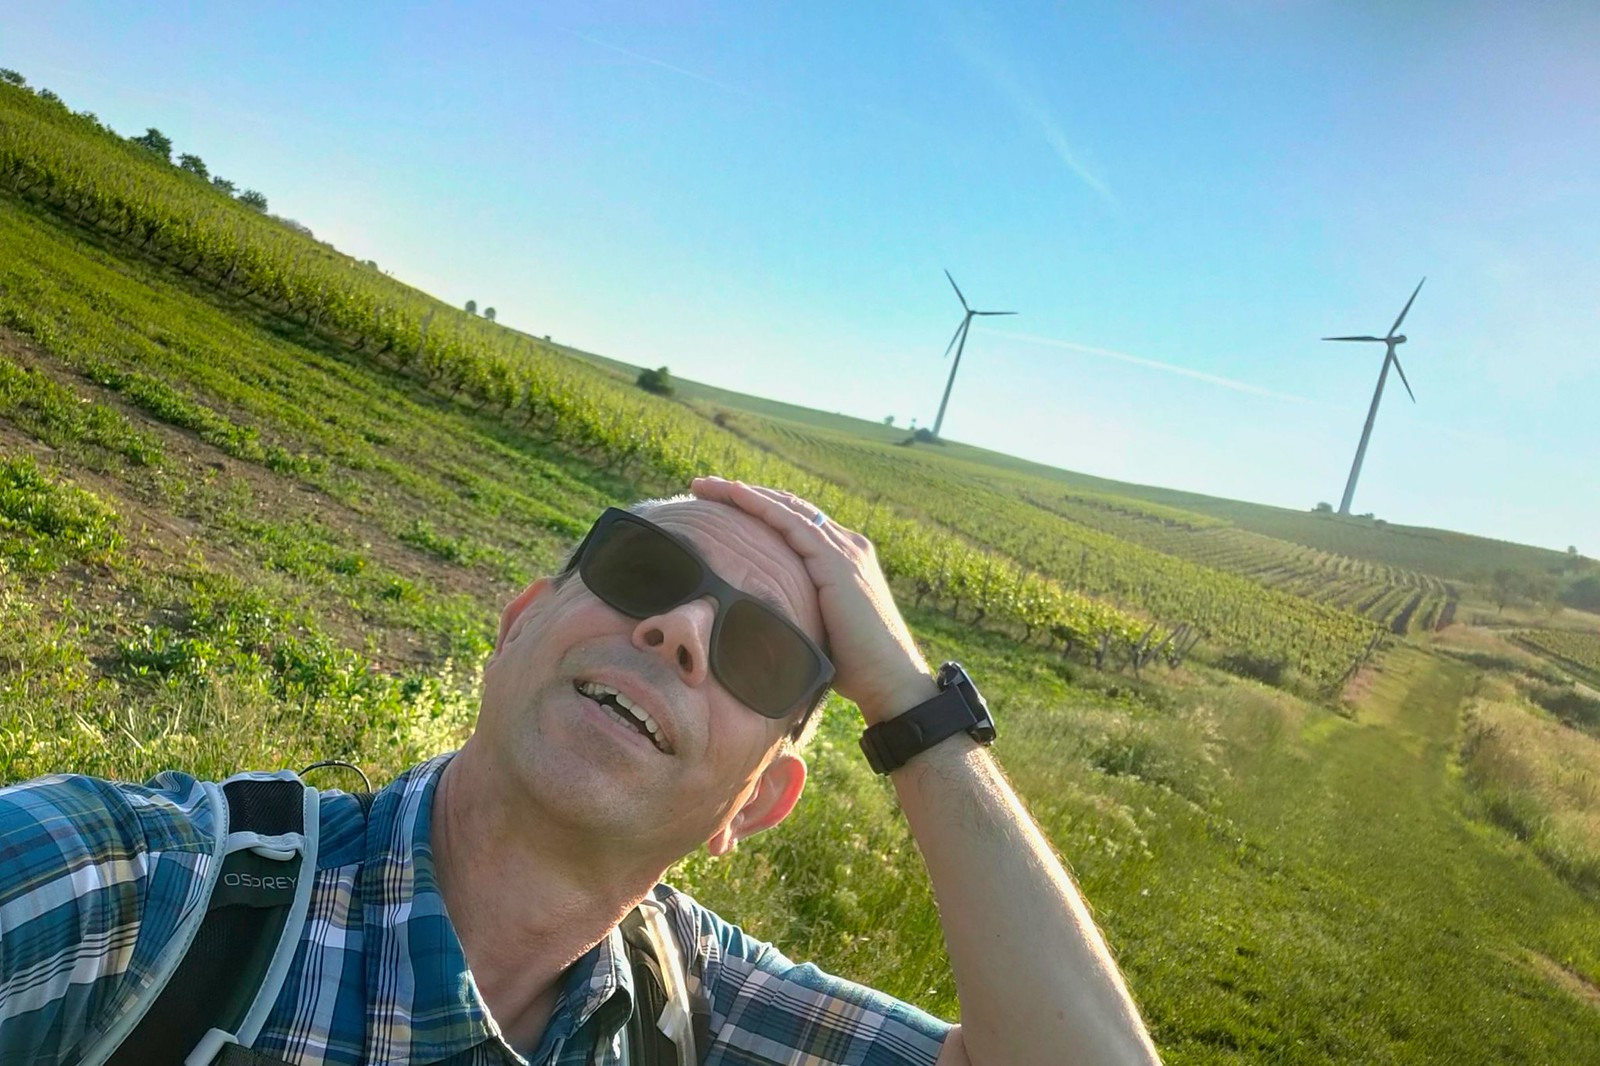 Die Frisur sitzt - SunriseHike am Selzbogen in Rheinhessen